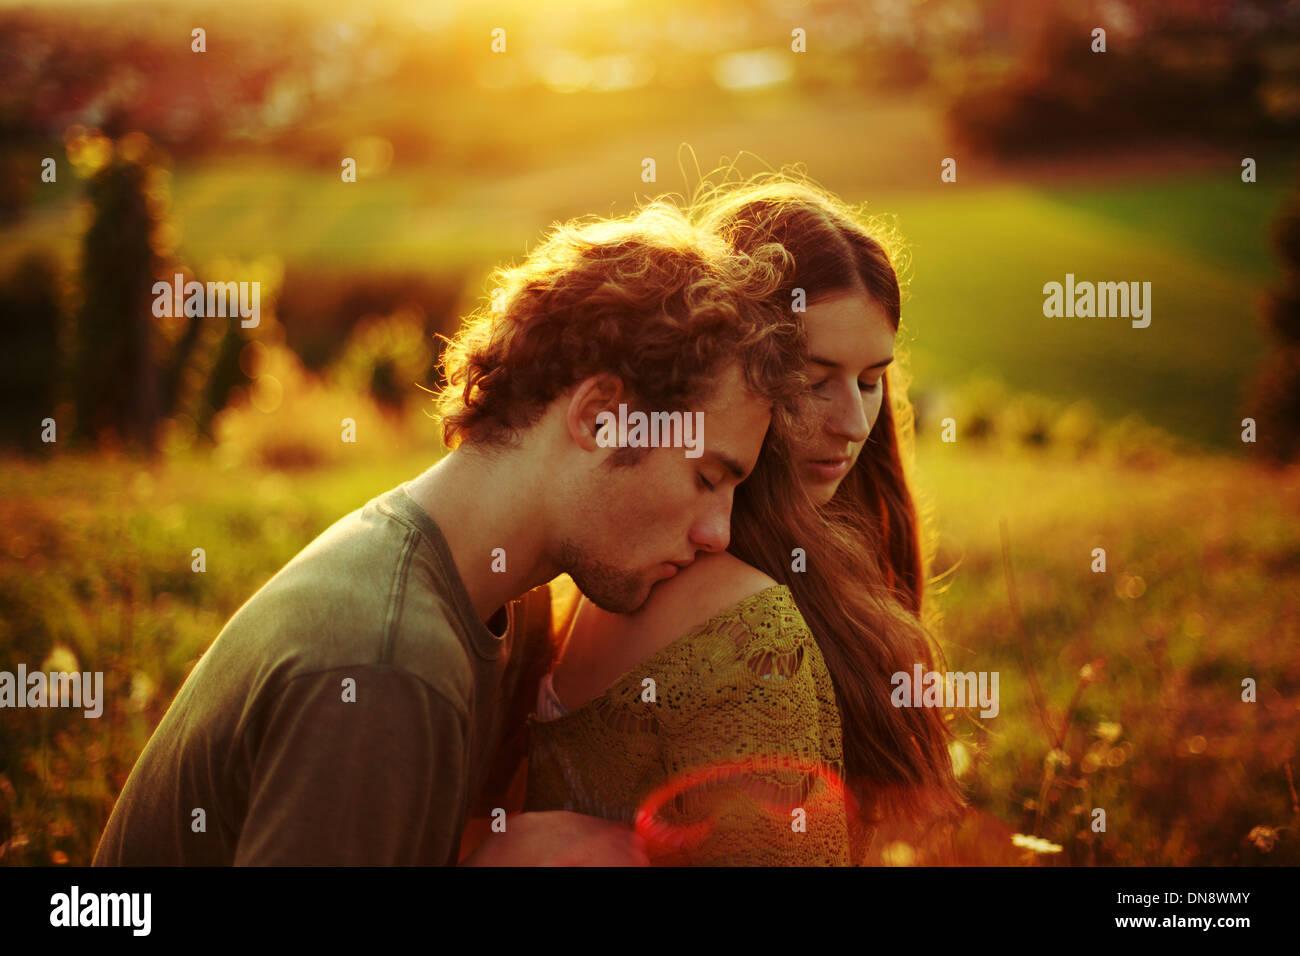 Jovem casal no amor abraçando num meadow Imagens de Stock